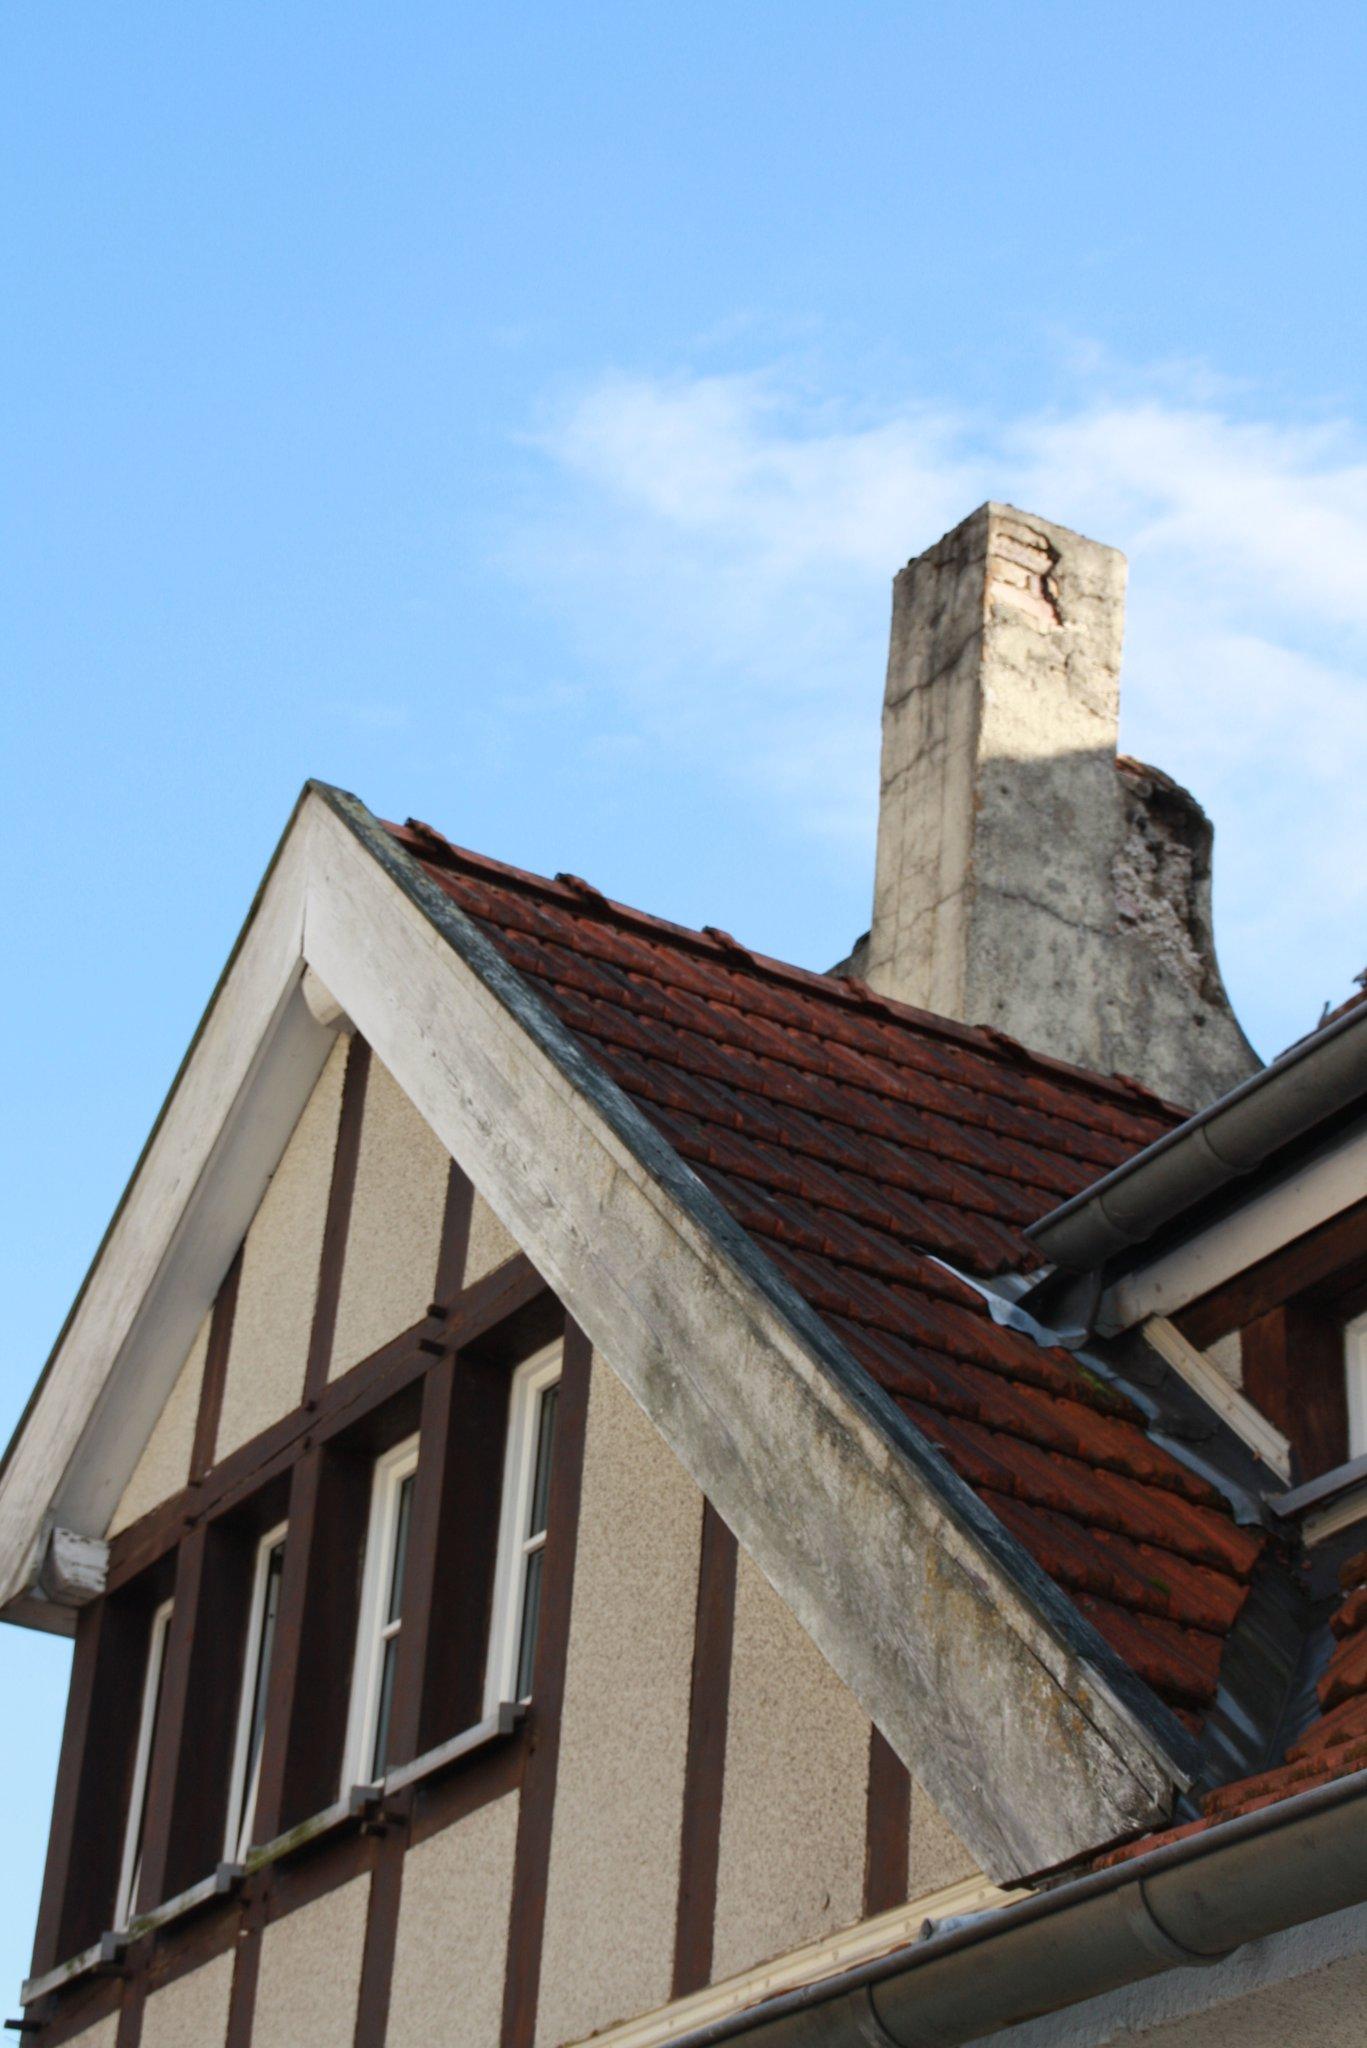 Full Size of 700865html Fenster Kaufen In Polen Standardmaße Sichtschutz Fliegennetz Hannover Dreifachverglasung Einbruchschutz Stange Absturzsicherung Velux Rollo Fenster Fenster Herne